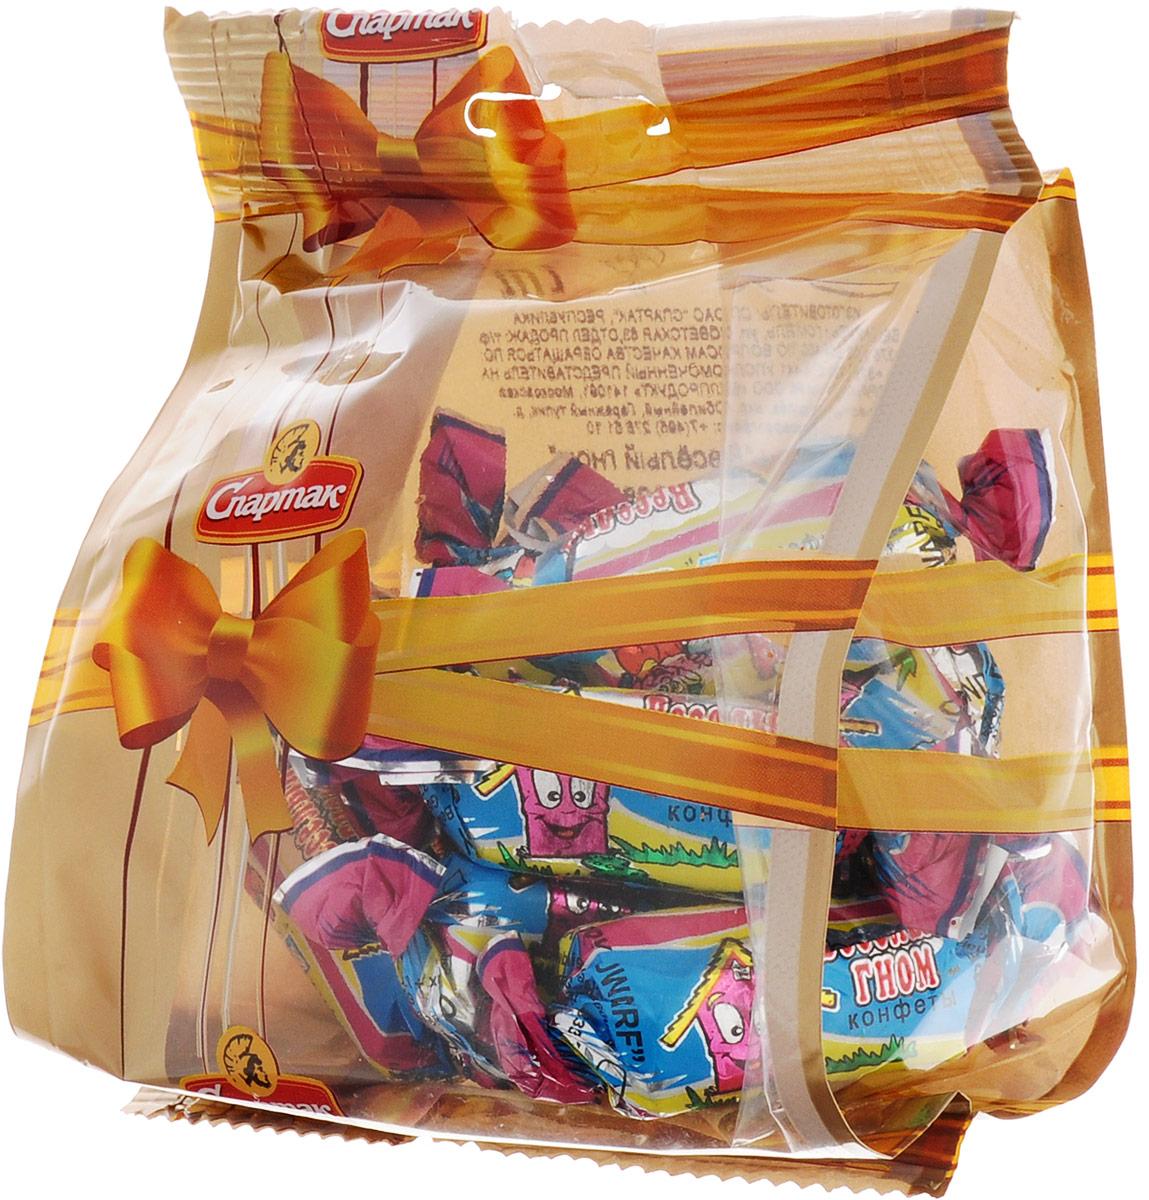 Спартак Веселый гном конфеты неглазированные, 150 г